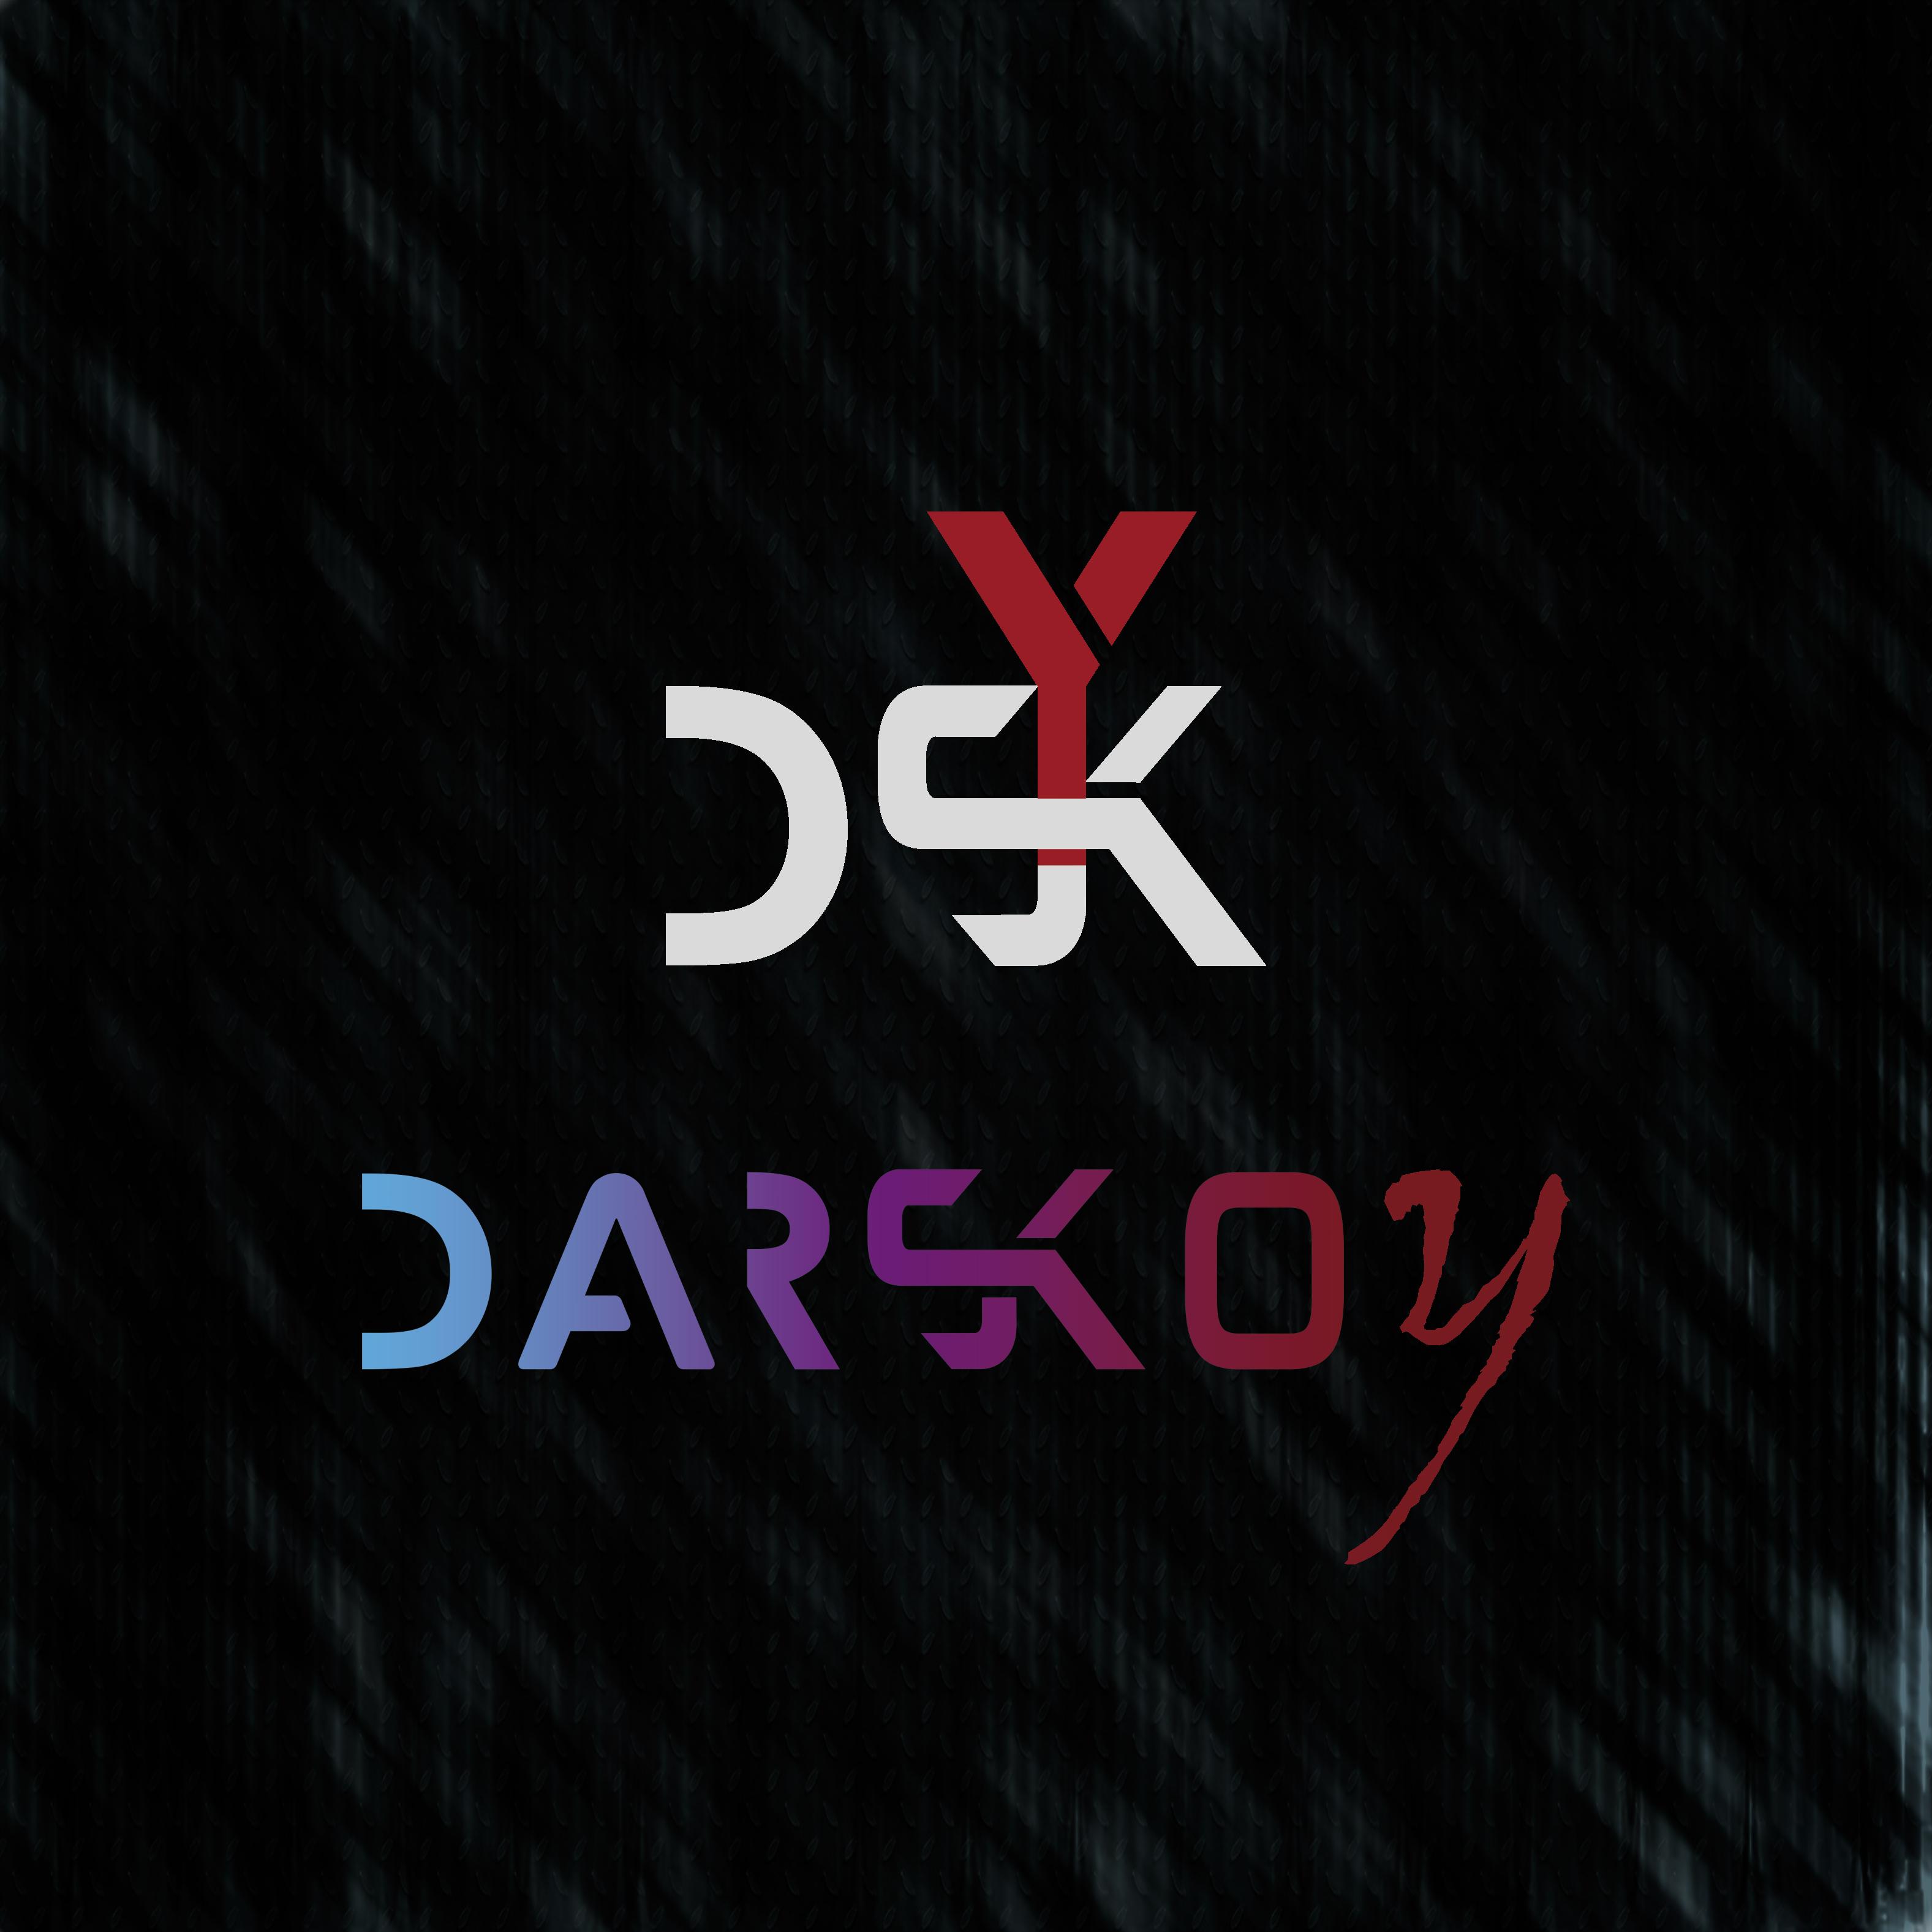 Нарисовать логотип для сольного музыкального проекта фото f_5315ba77fd2d7617.jpg